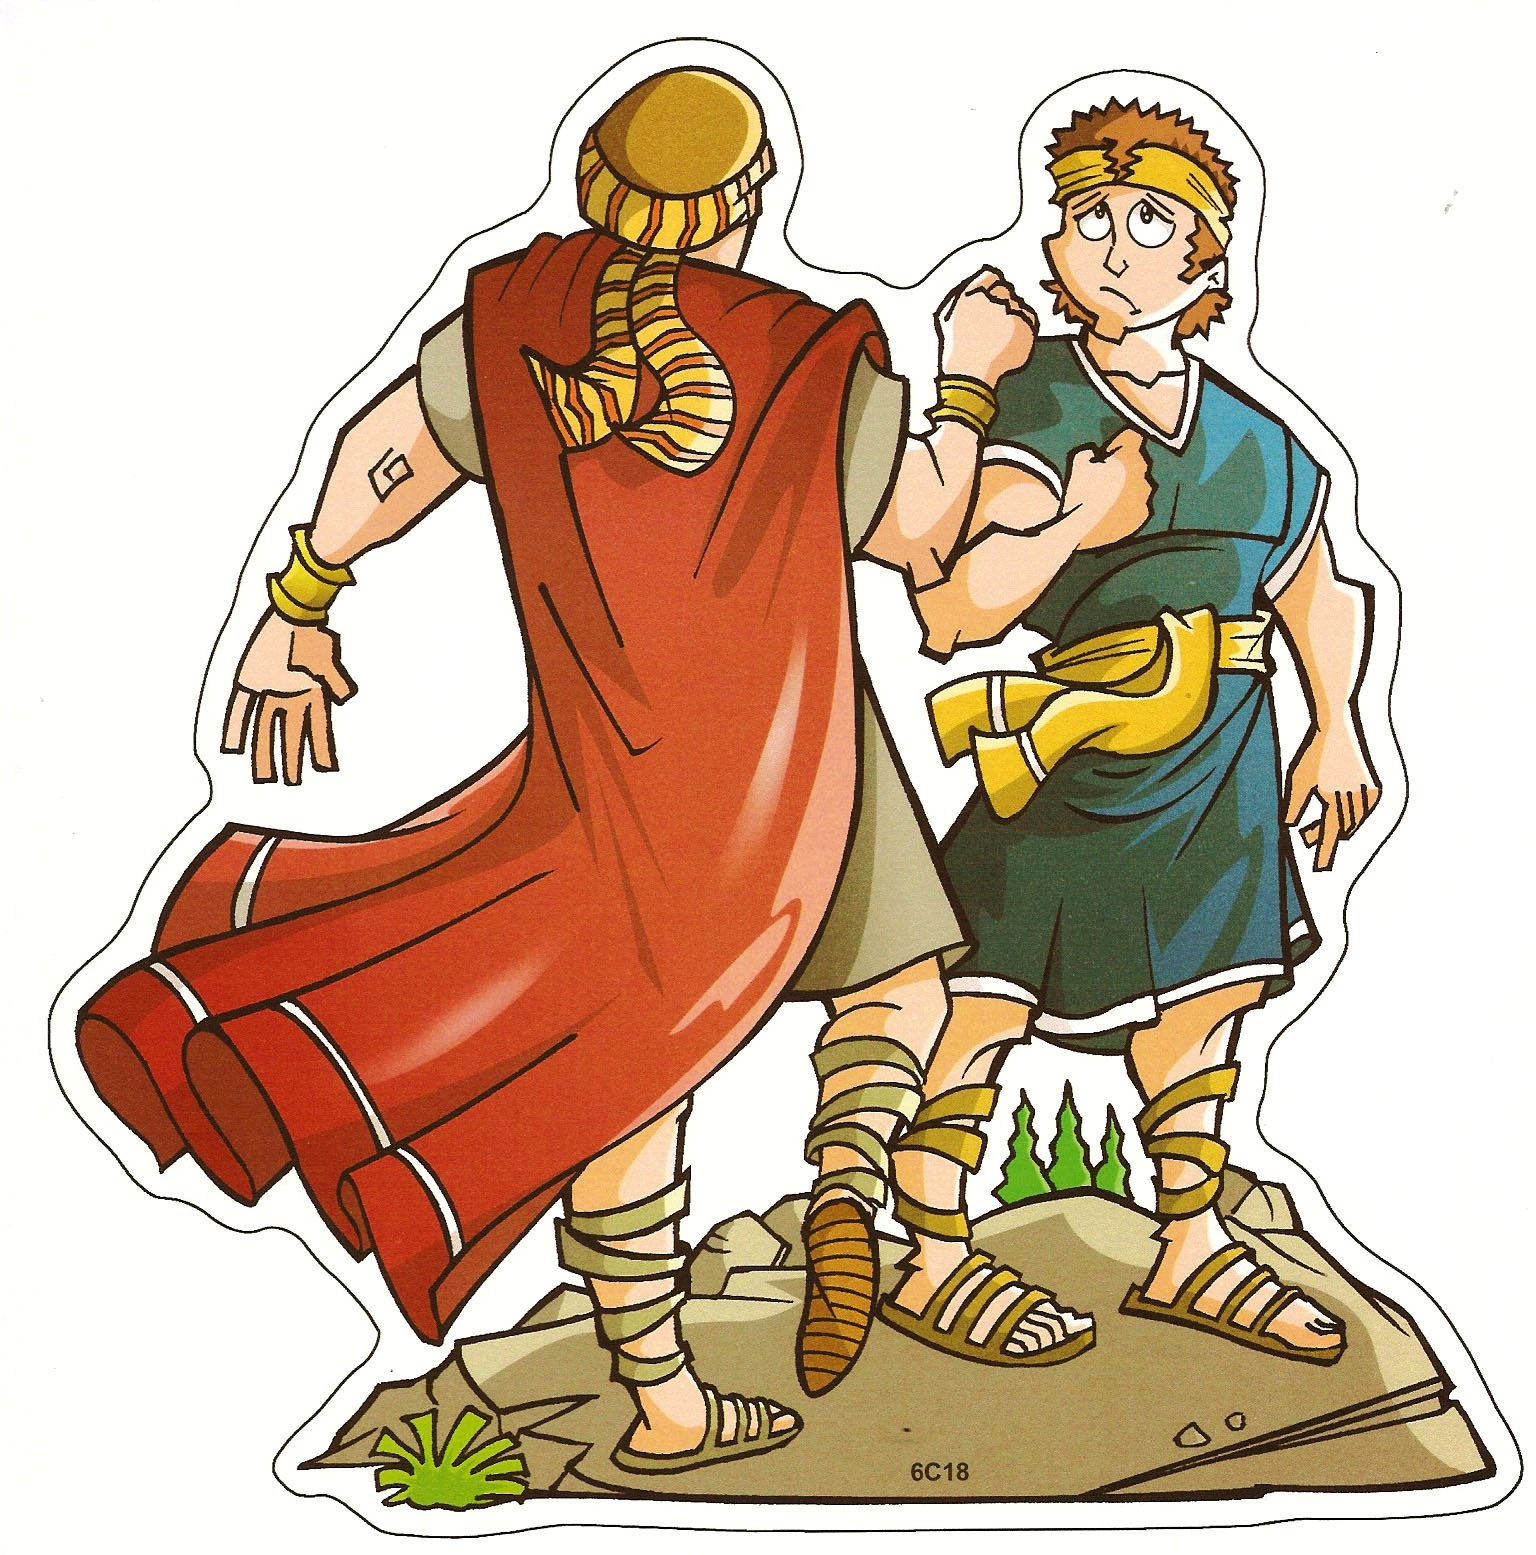 библейские герои в картинках нужно остановить